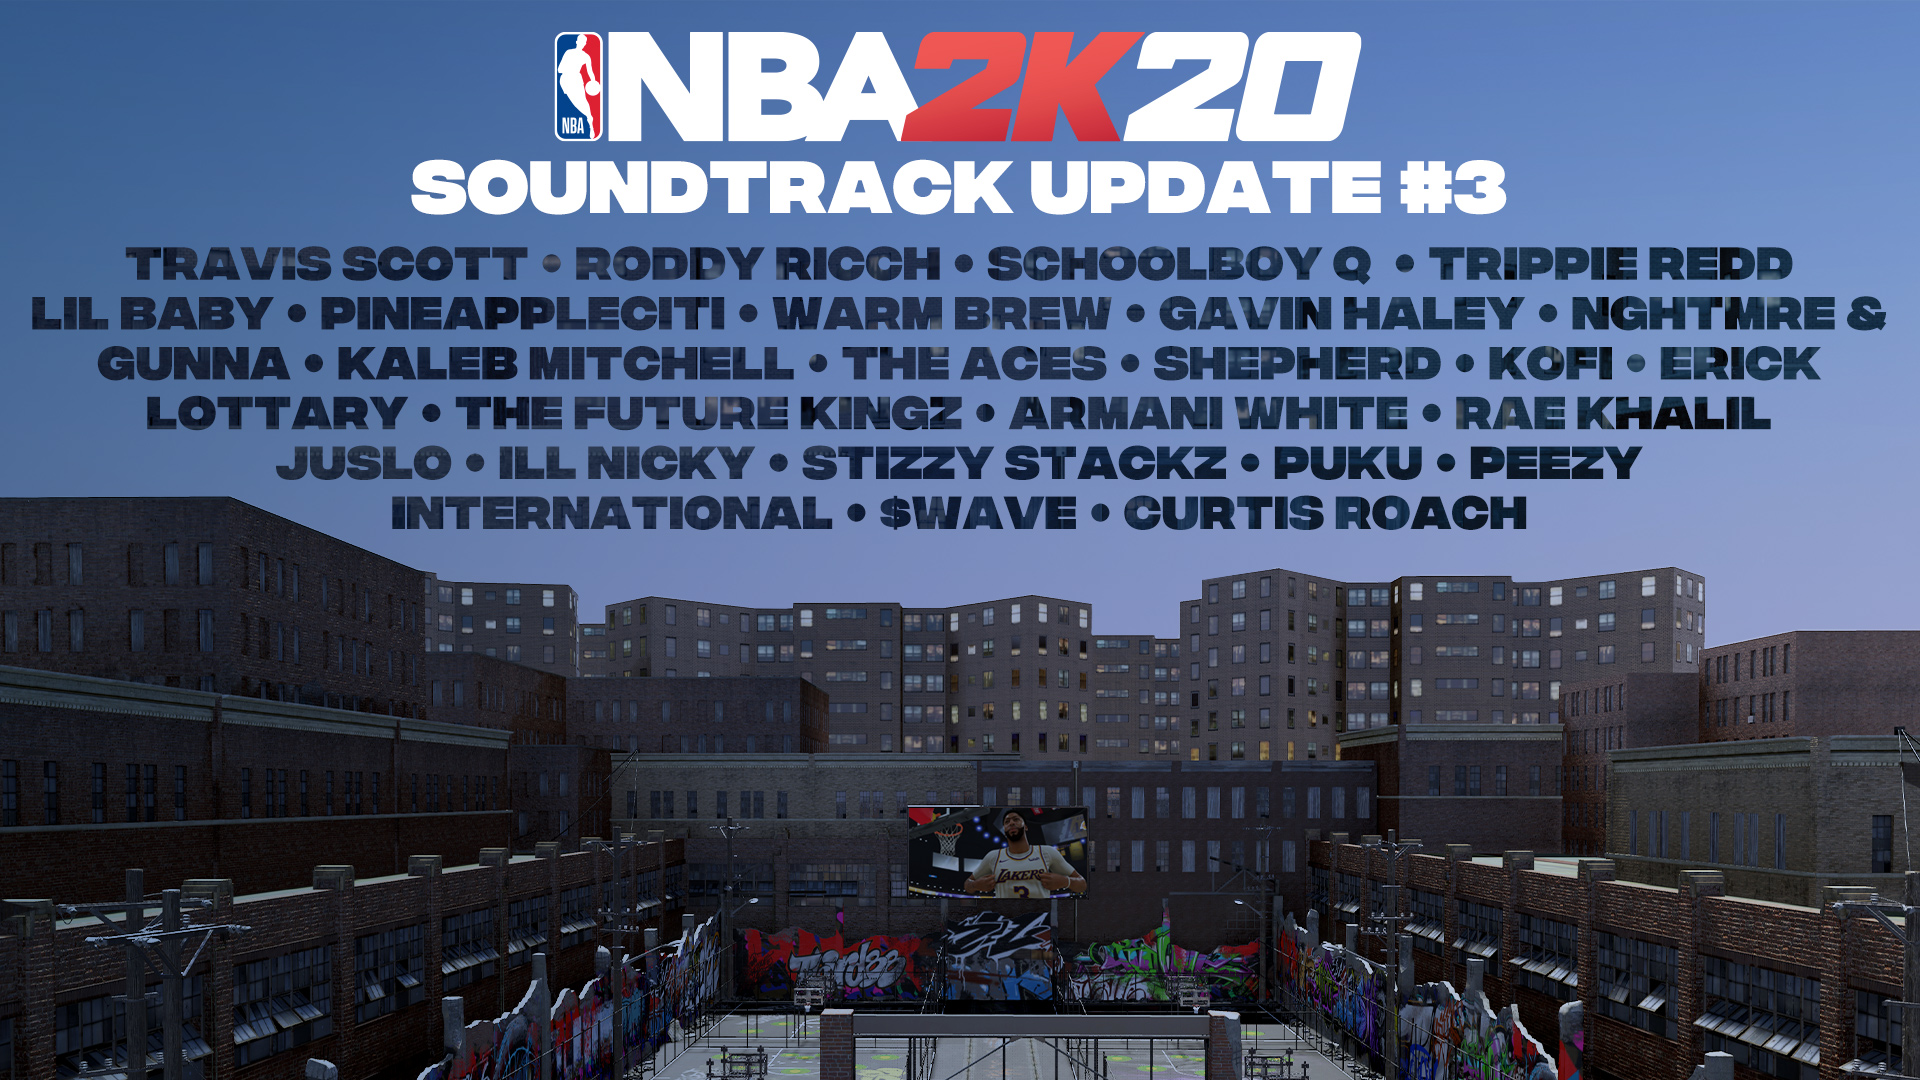 NBA 2K20 soundtrack